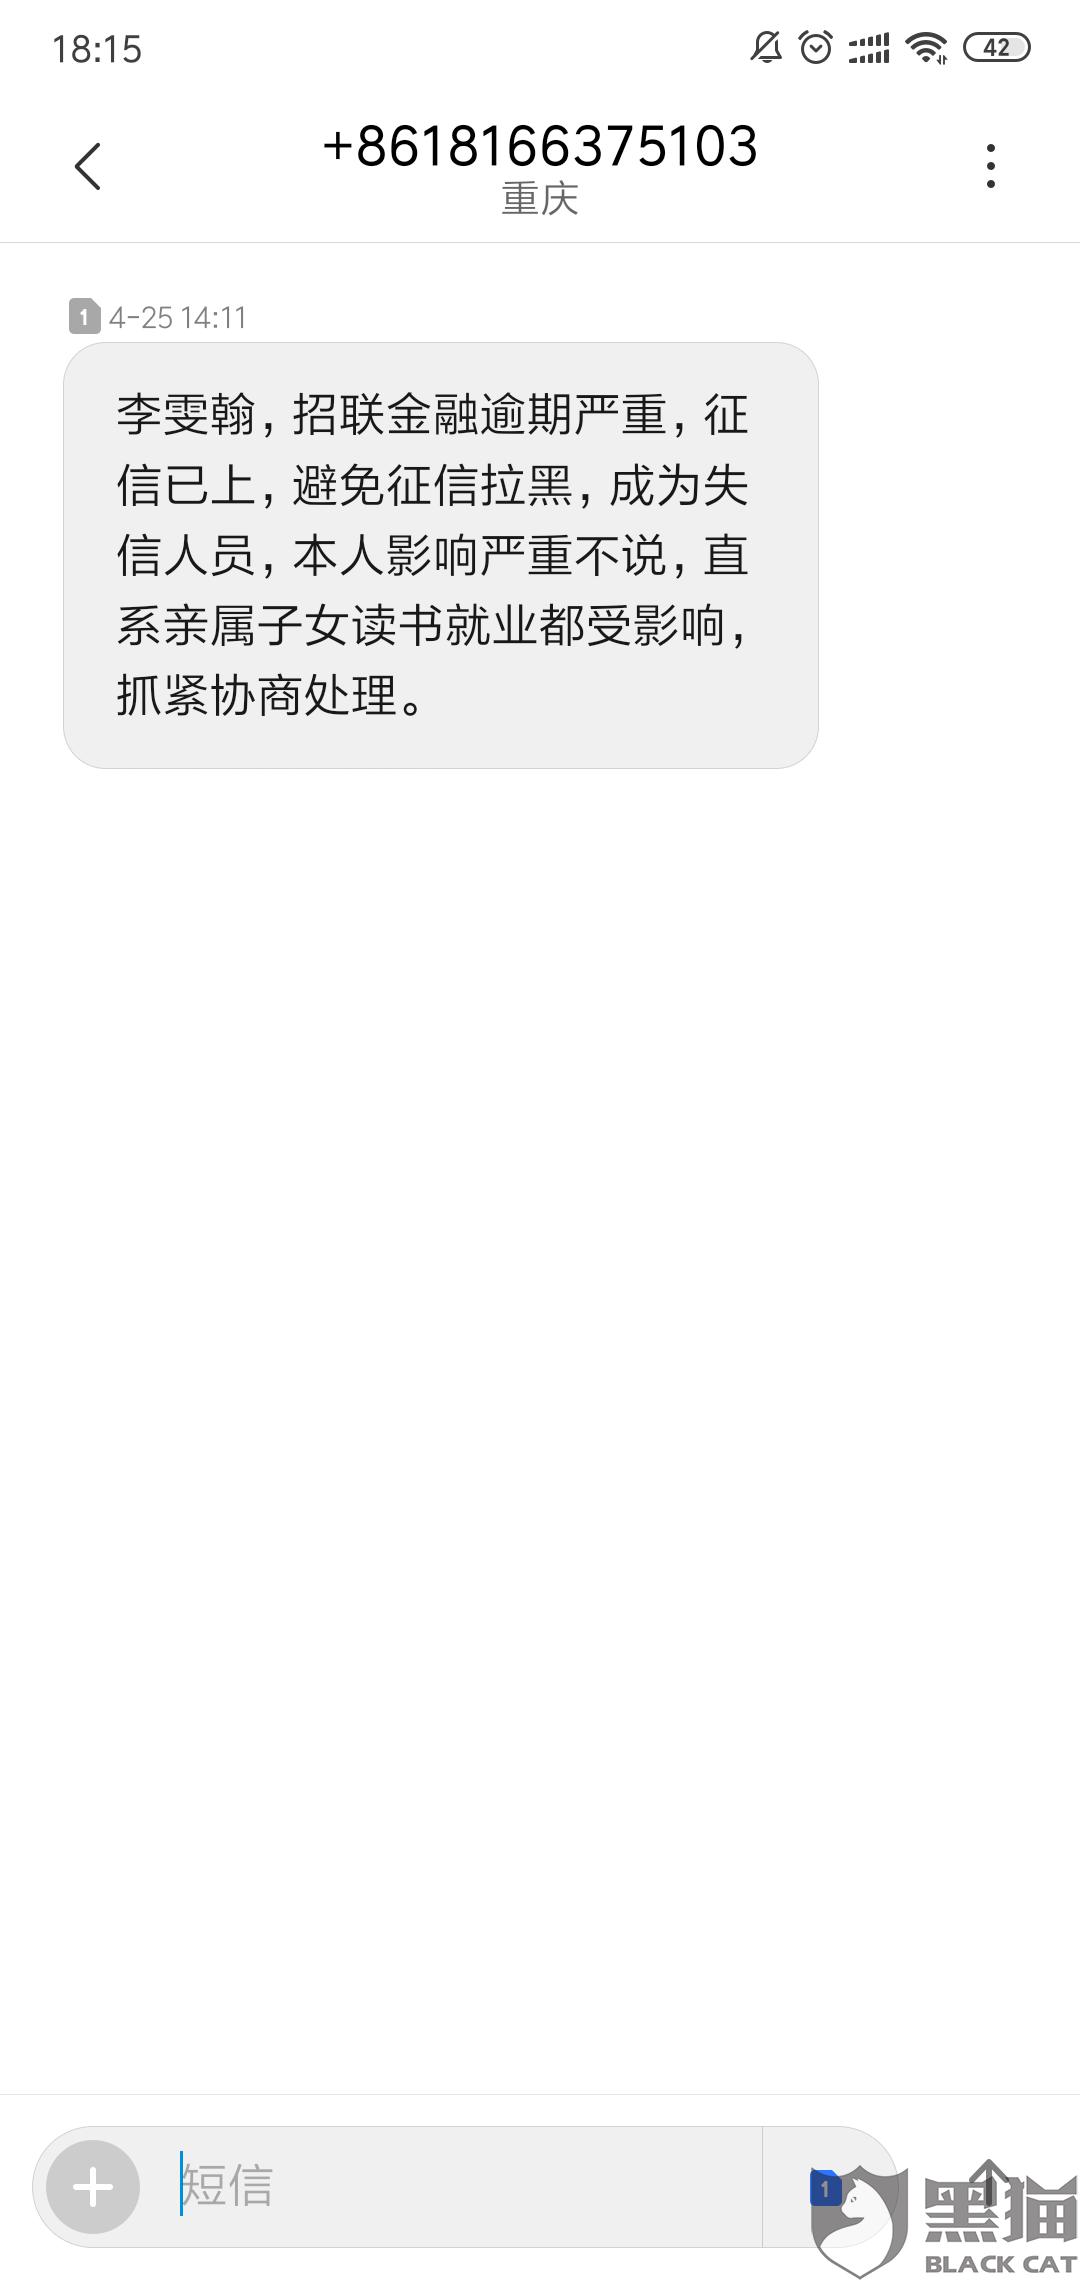 黑猫投诉:招联金融催收给我联系人群发威胁短信